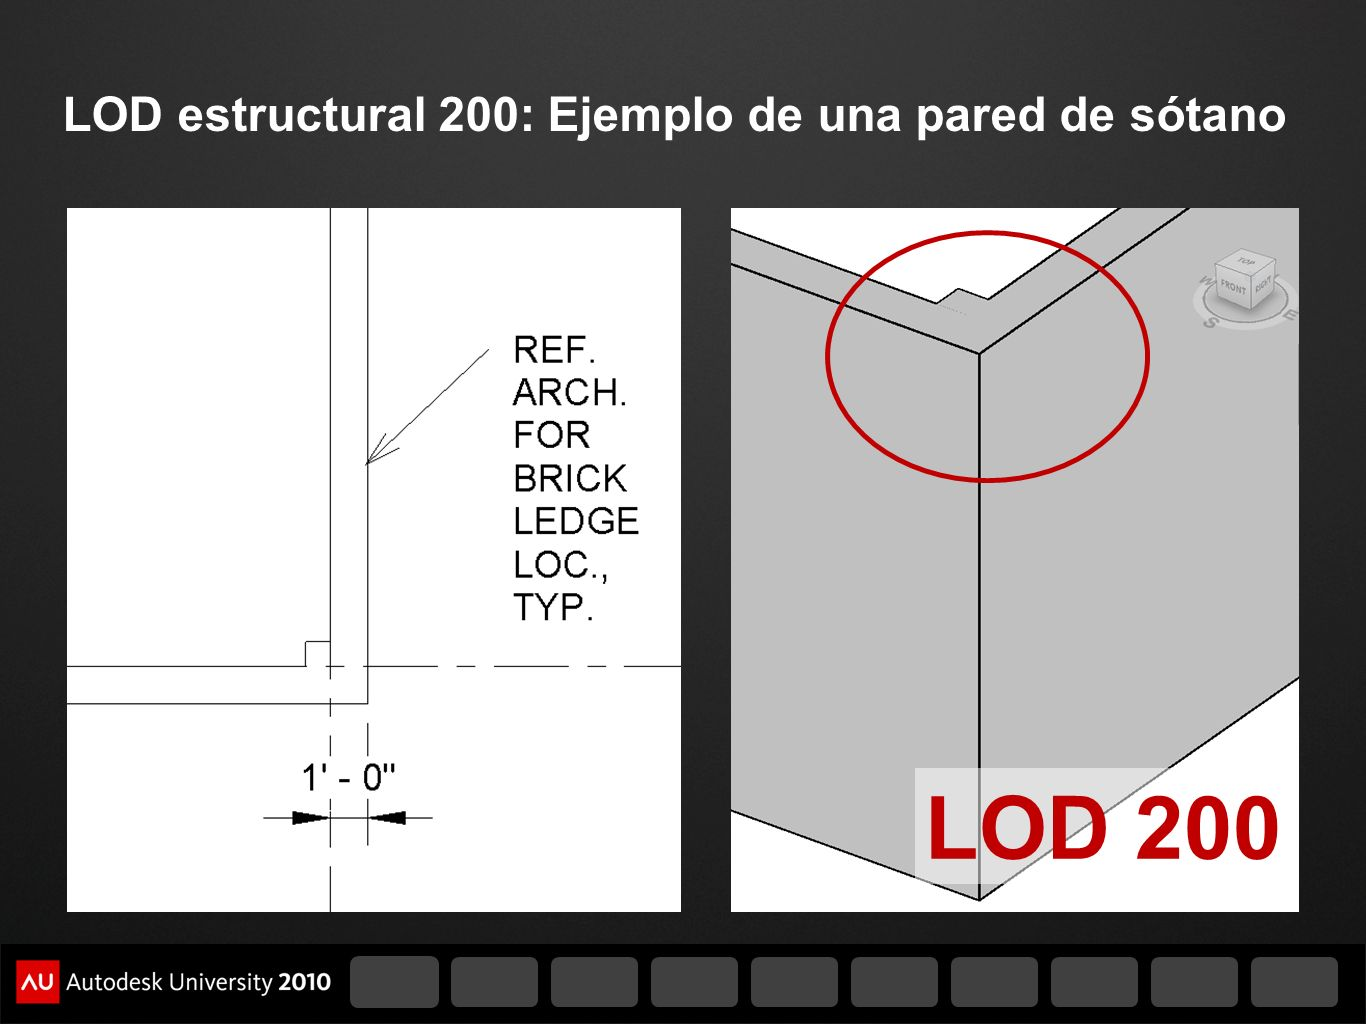 LOD 200 LOD estructural 200: Ejemplo de una pared de sótano